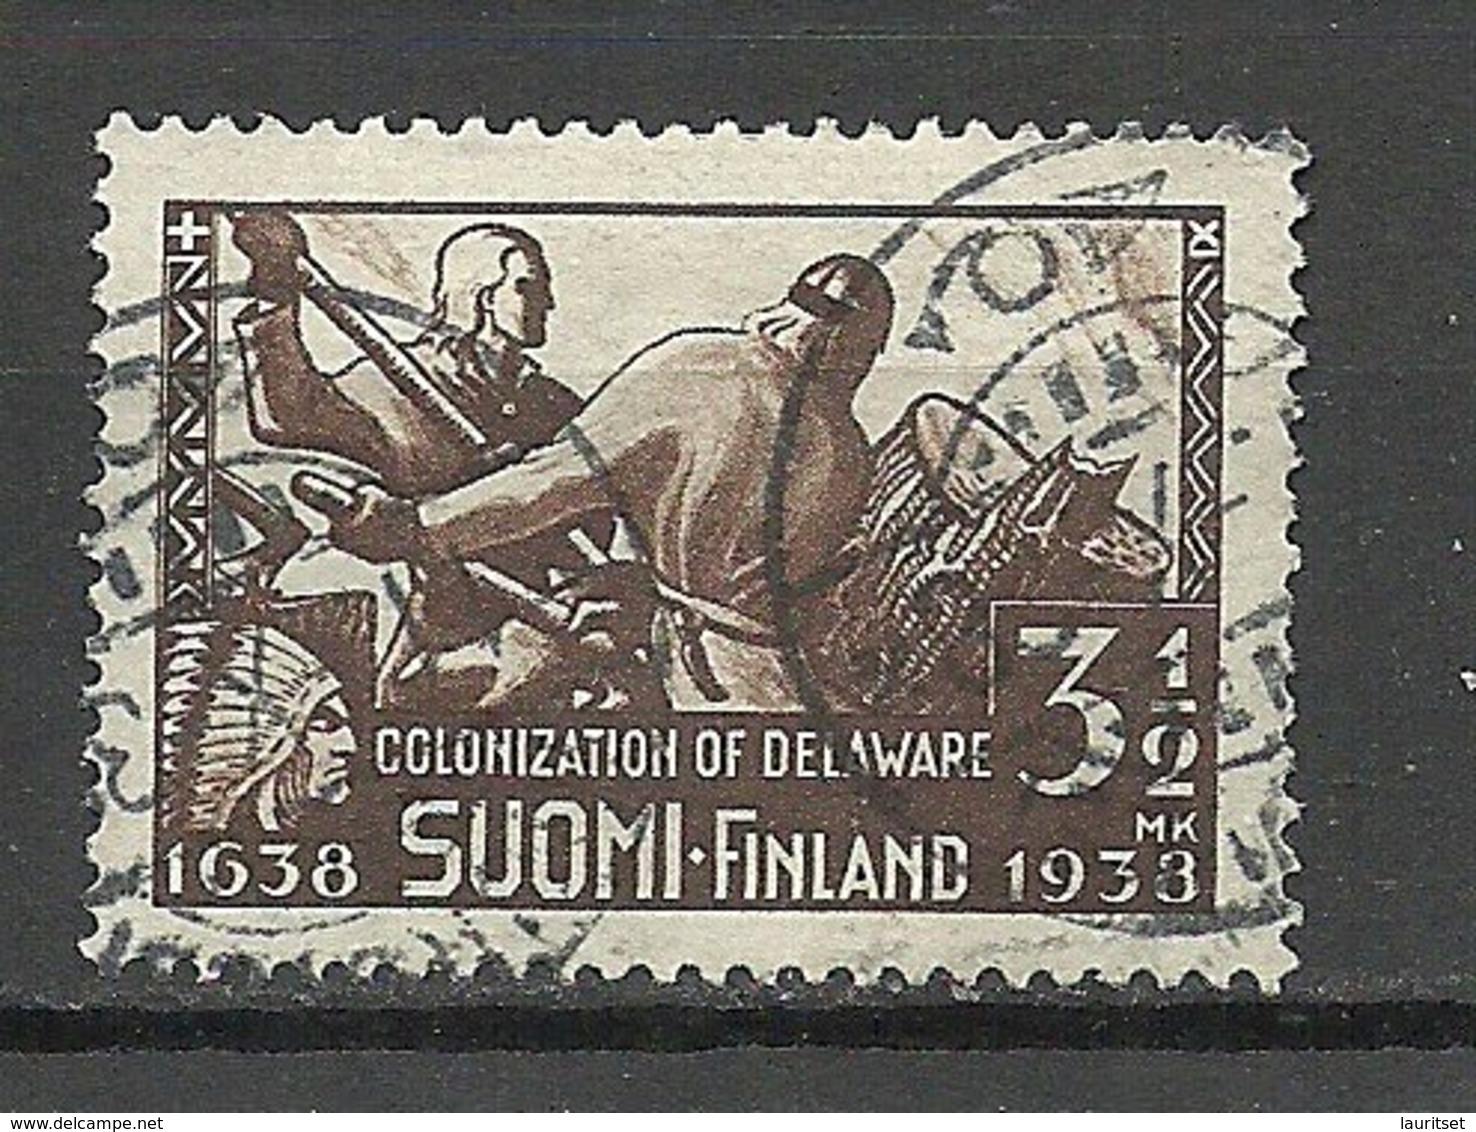 FINLAND FINNLAND 1938 Colony New Sweden Delaware Anniversary Michel 212 O - Finland